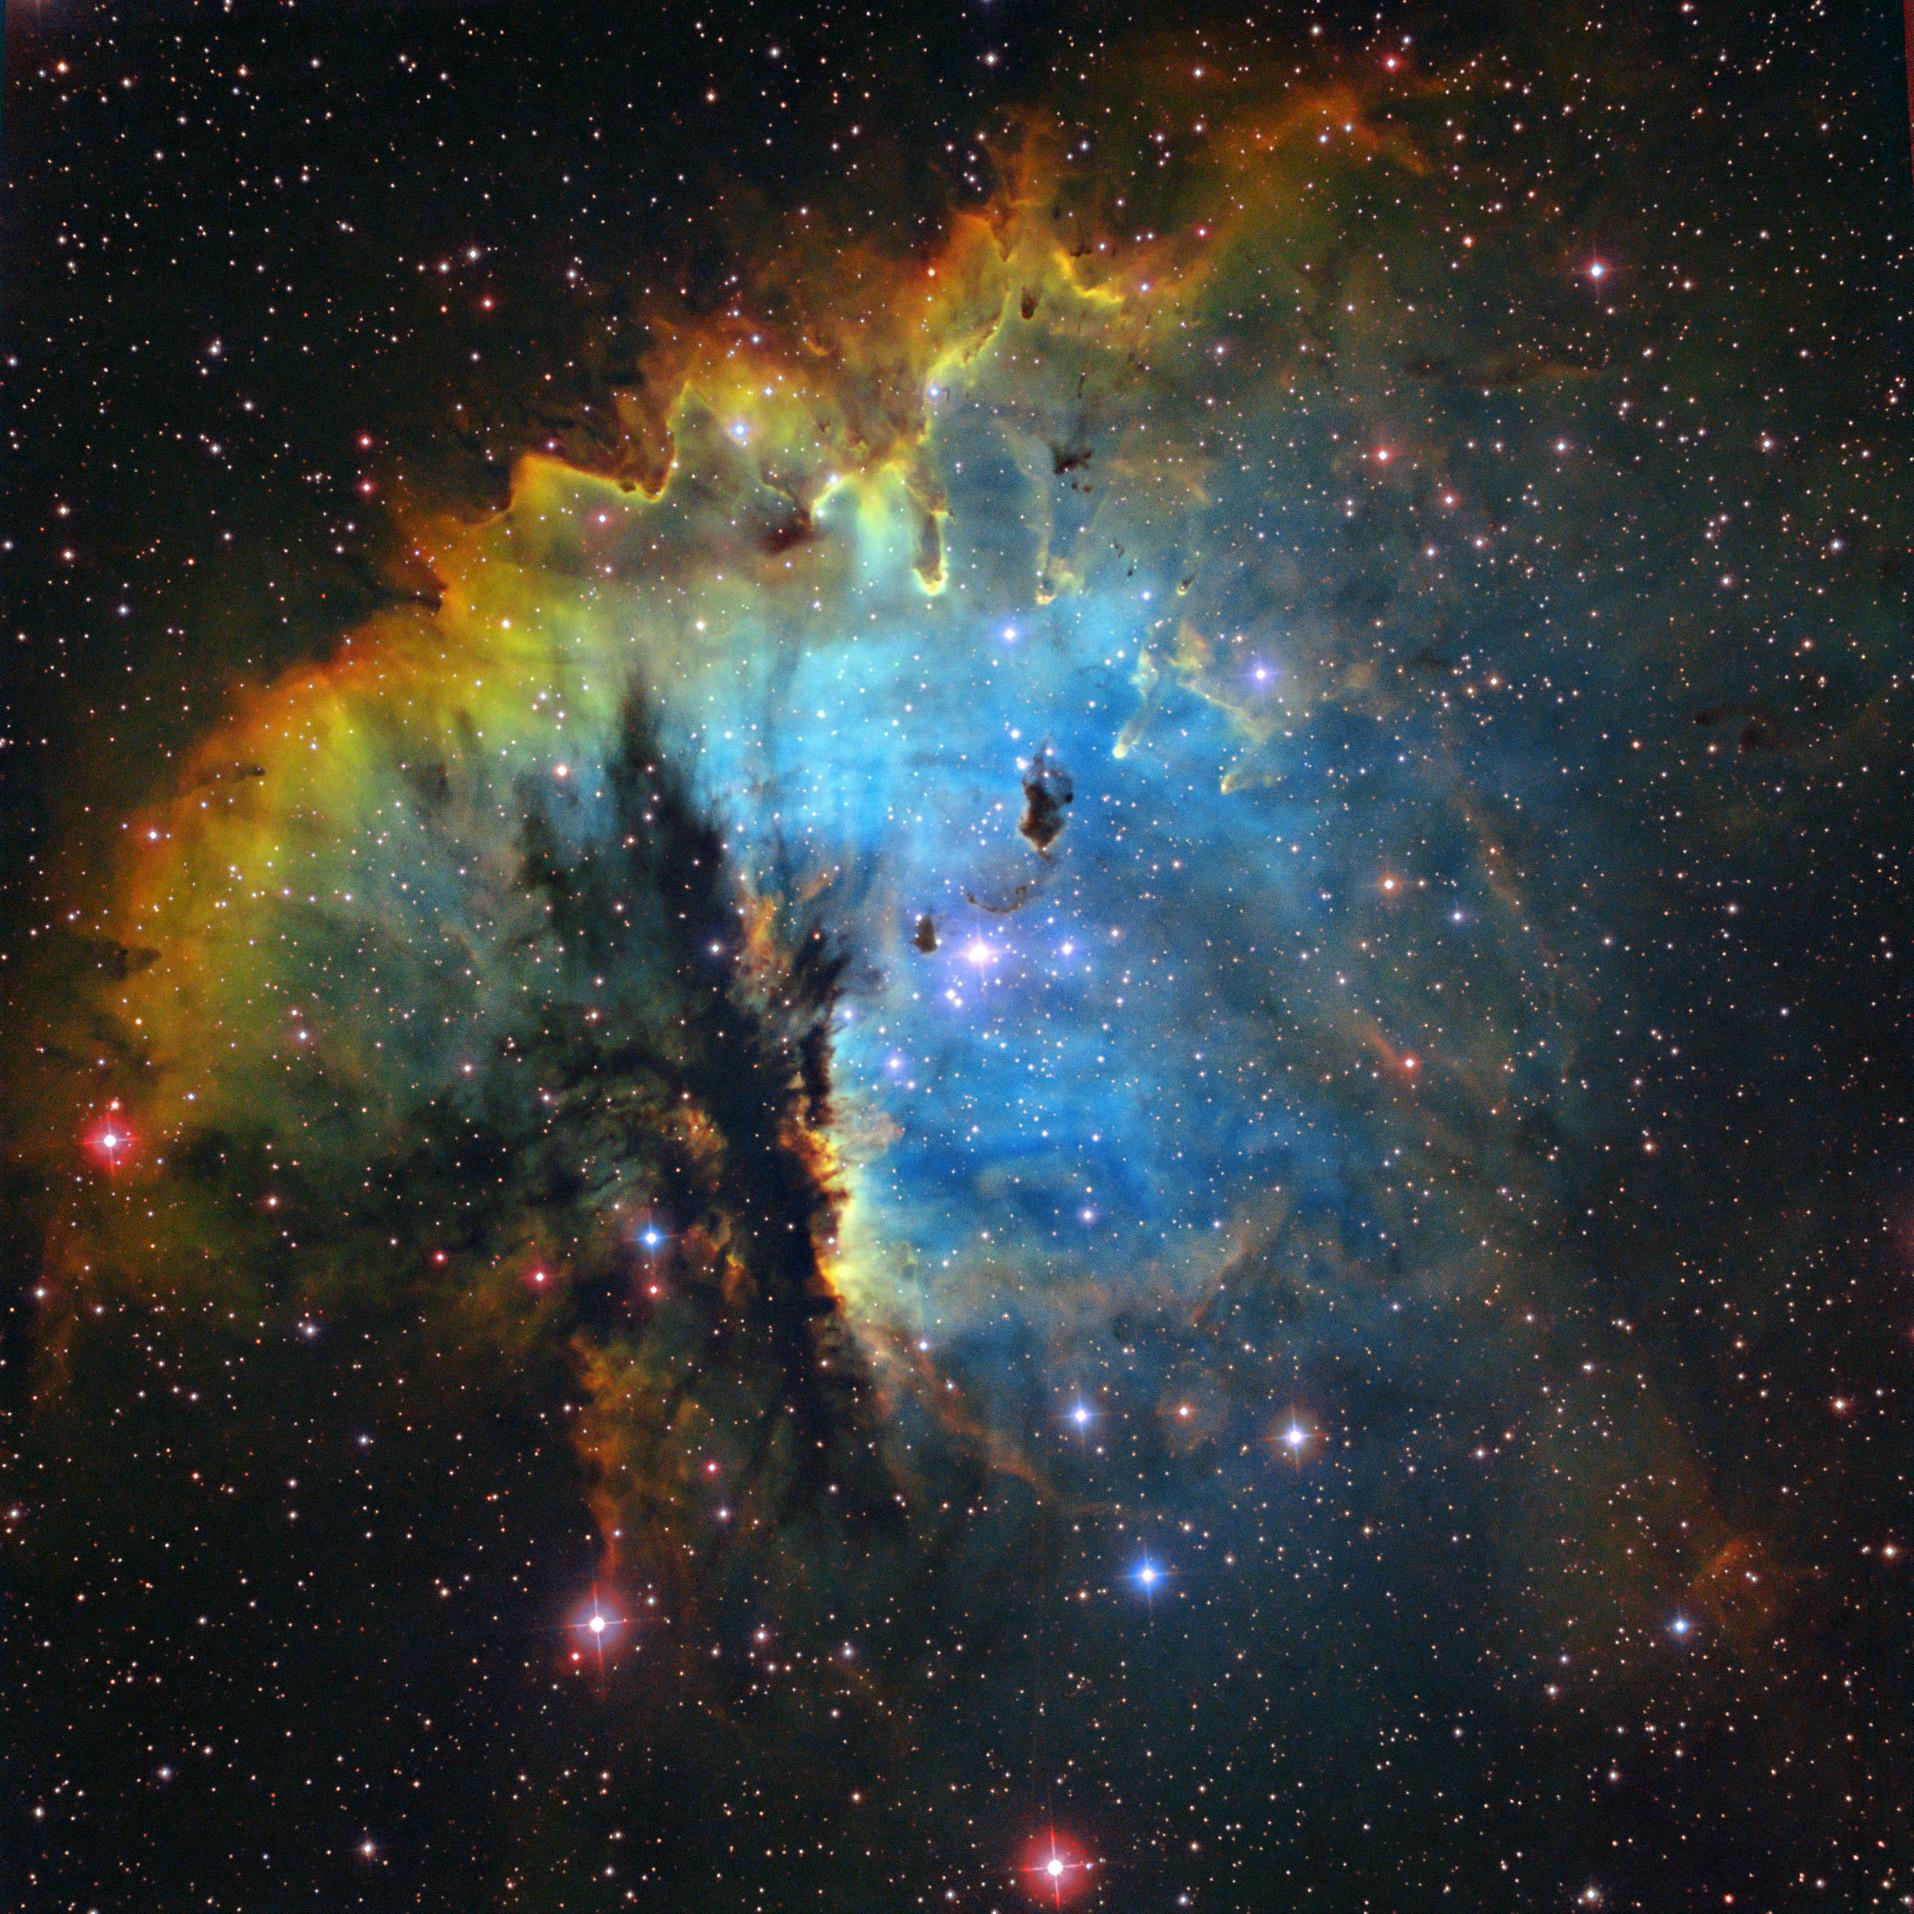 pacman nebula - photo #8